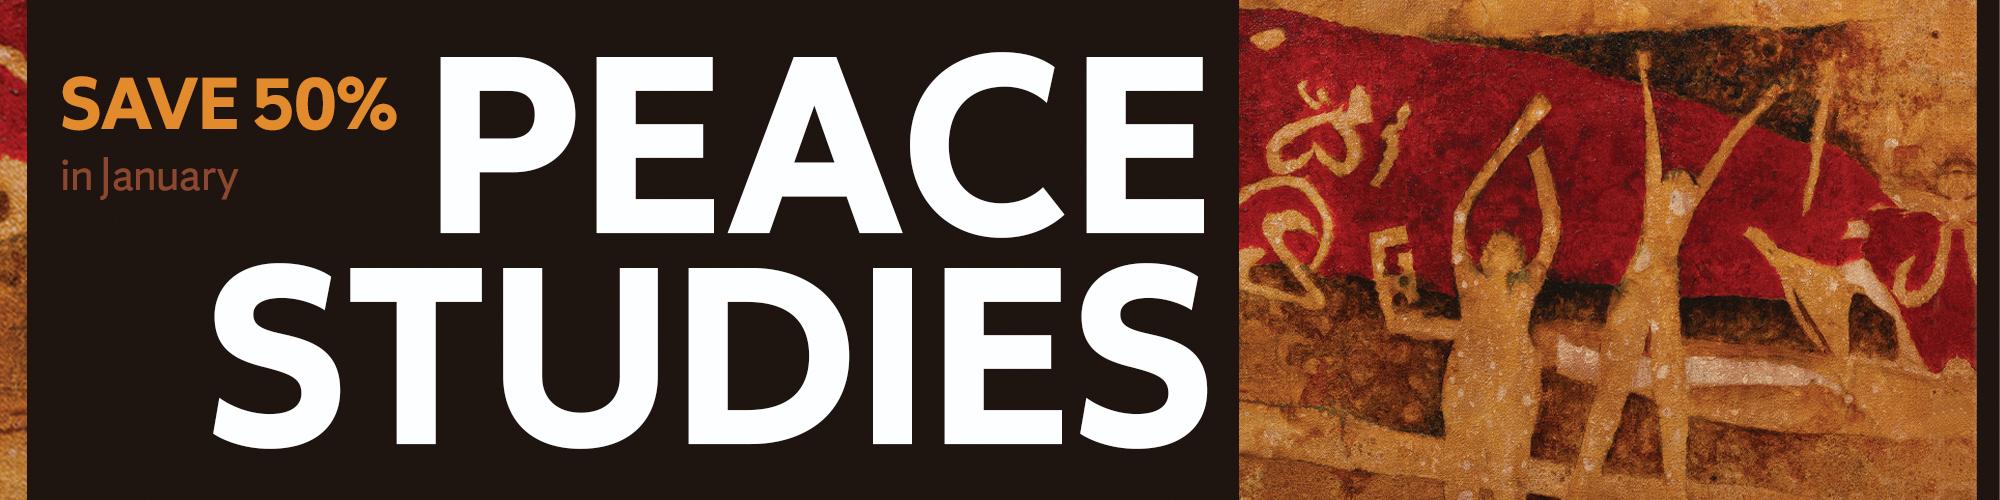 Save 50% on Peace Studies